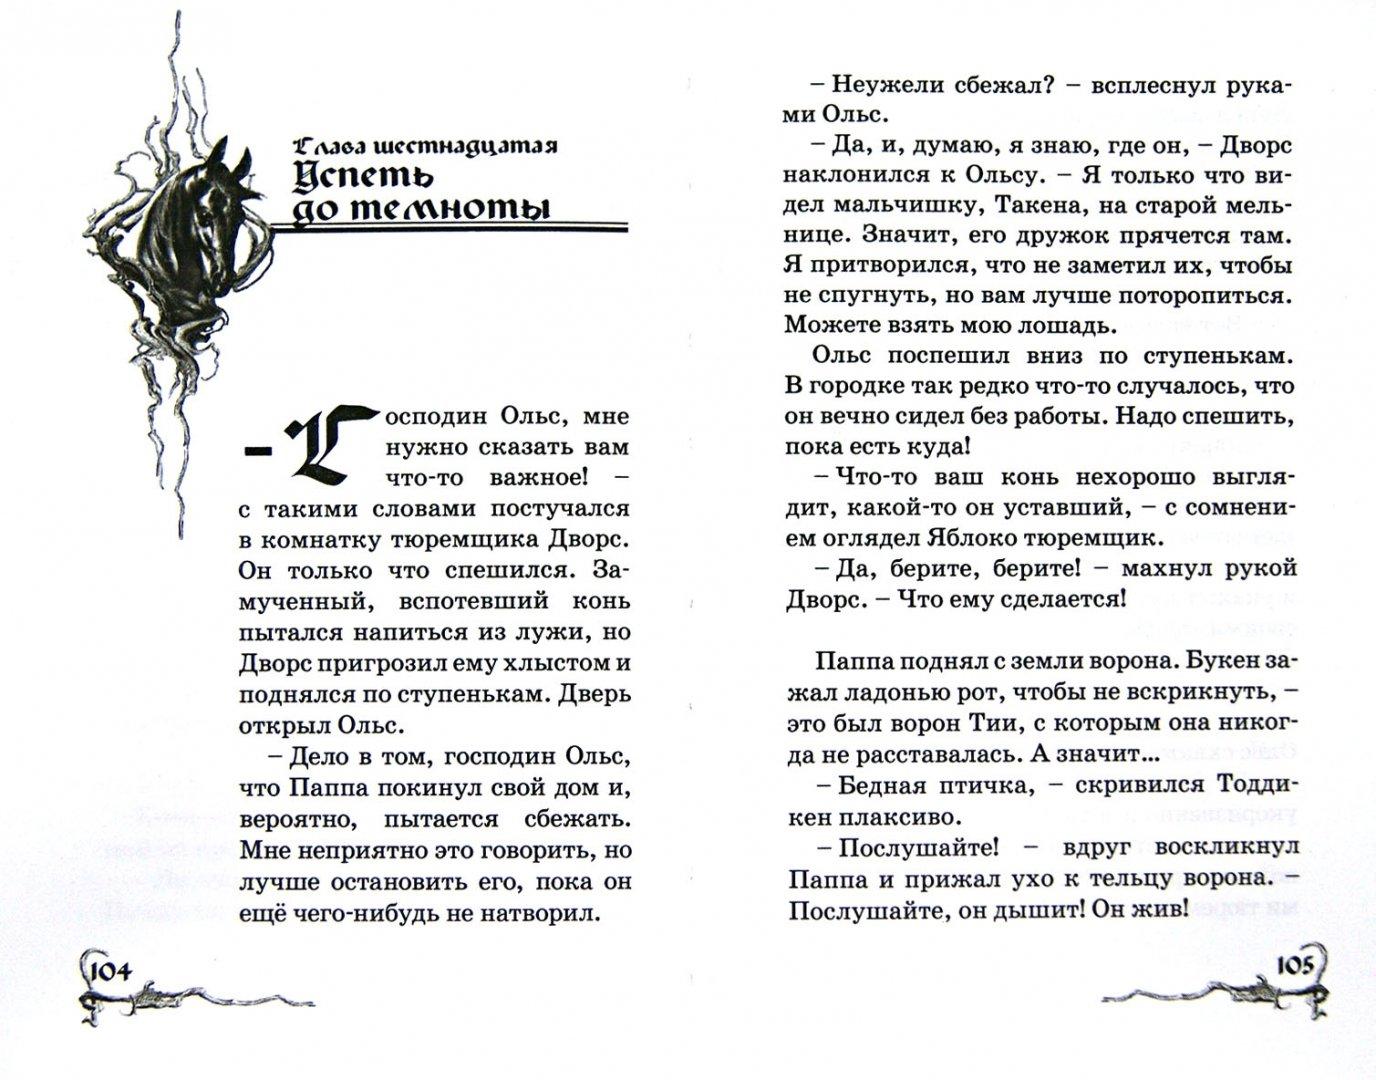 Иллюстрация 1 из 16 для Успеть до темноты! - Наталья Элуа | Лабиринт - книги. Источник: Лабиринт